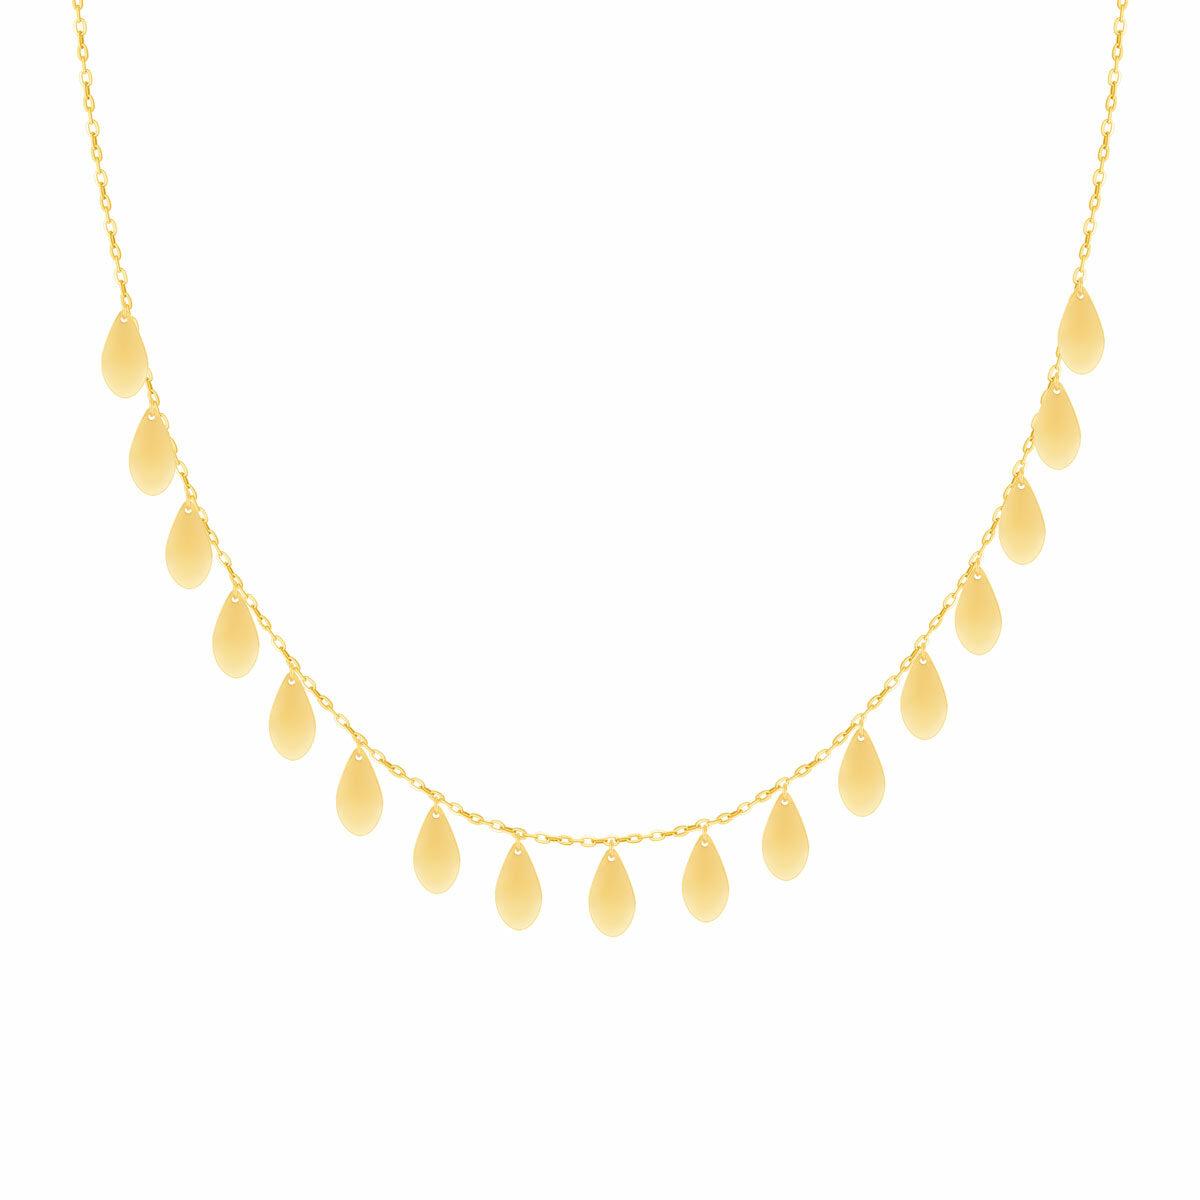 گردنبند طلا Mermaid (پری دریایی) اشک